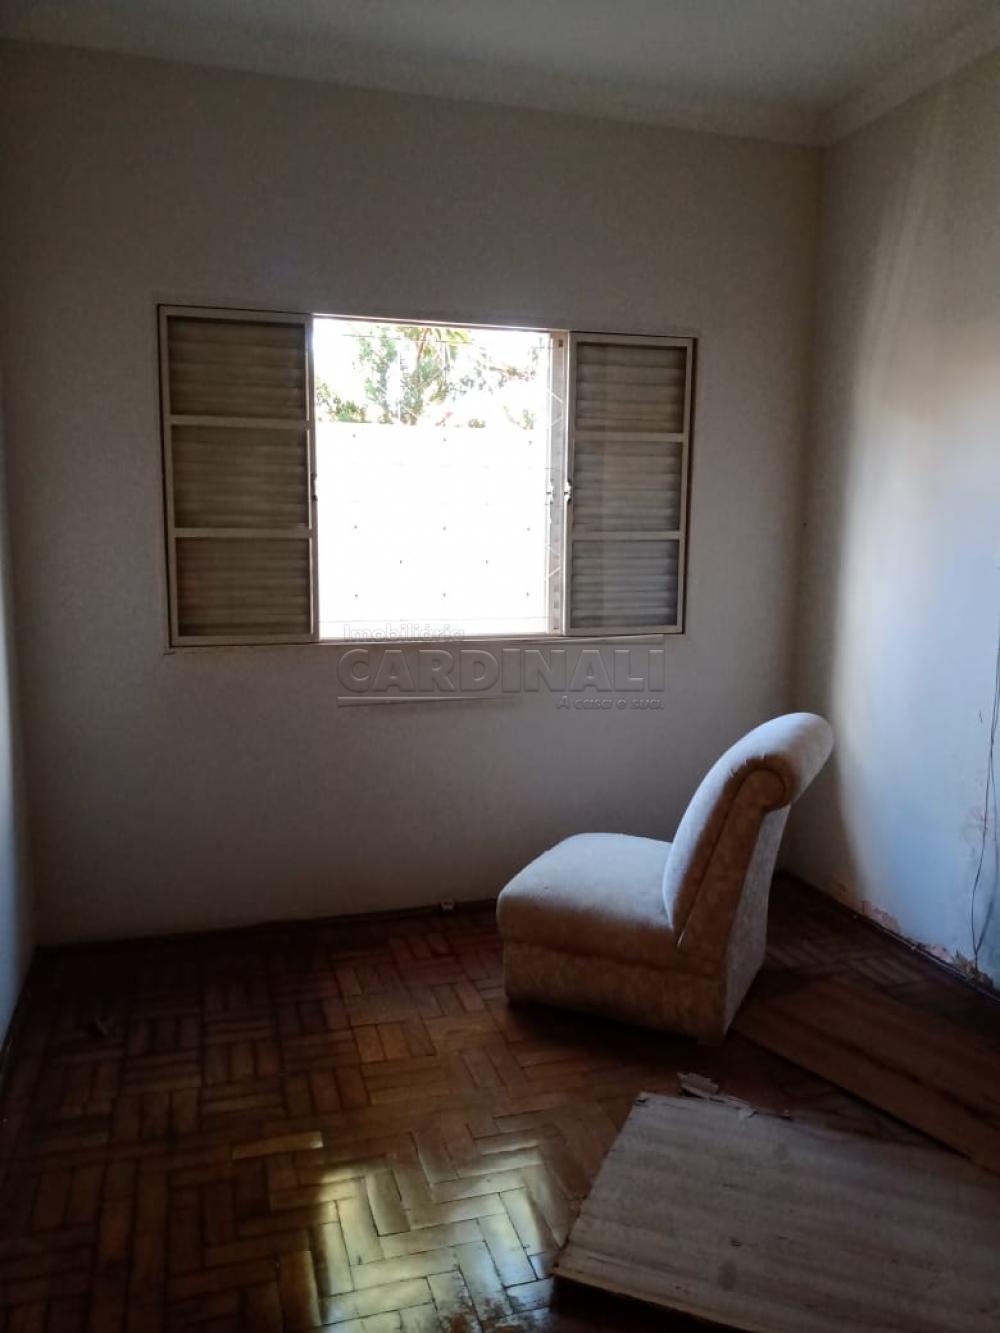 Comprar Casa / Padrão em São Carlos R$ 450.000,00 - Foto 15